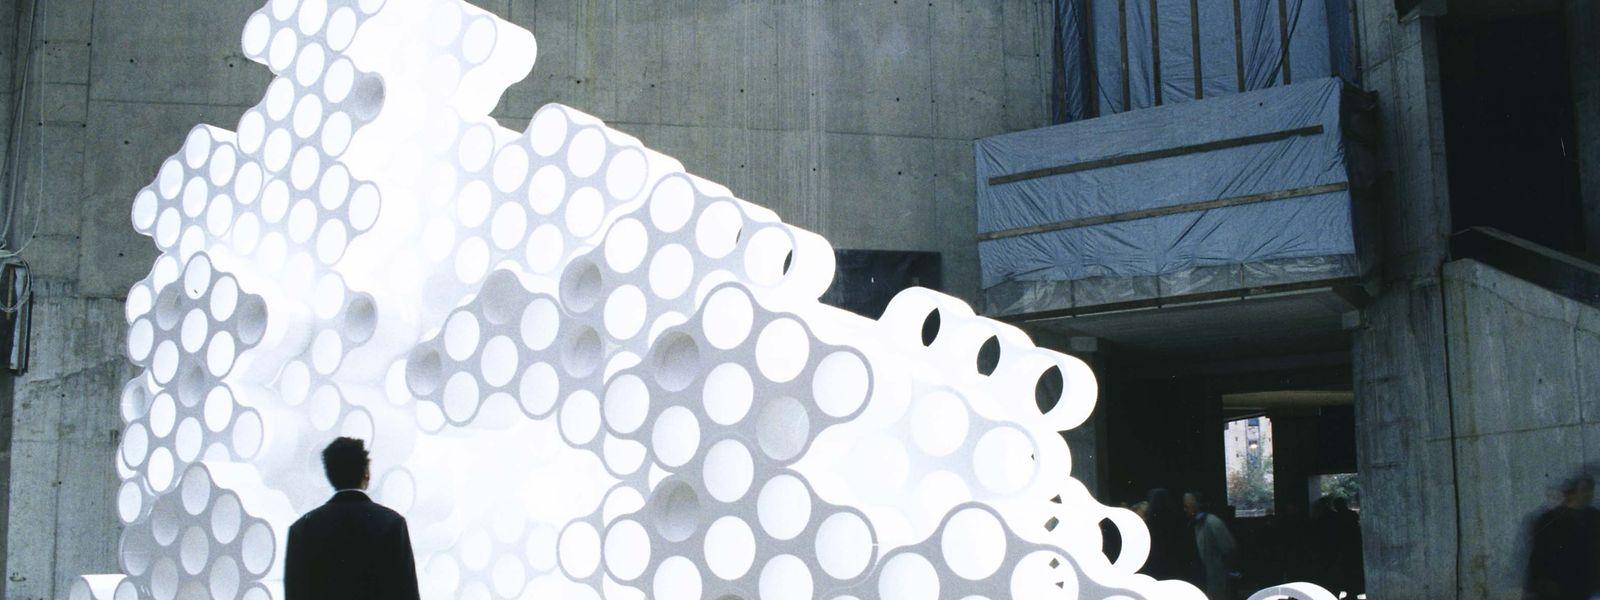 2002: Ein Kunststoffplastik der Gebrüder Bouroullec zog im noch unfertigen Mudam-Foyer die Blicke auf sich.